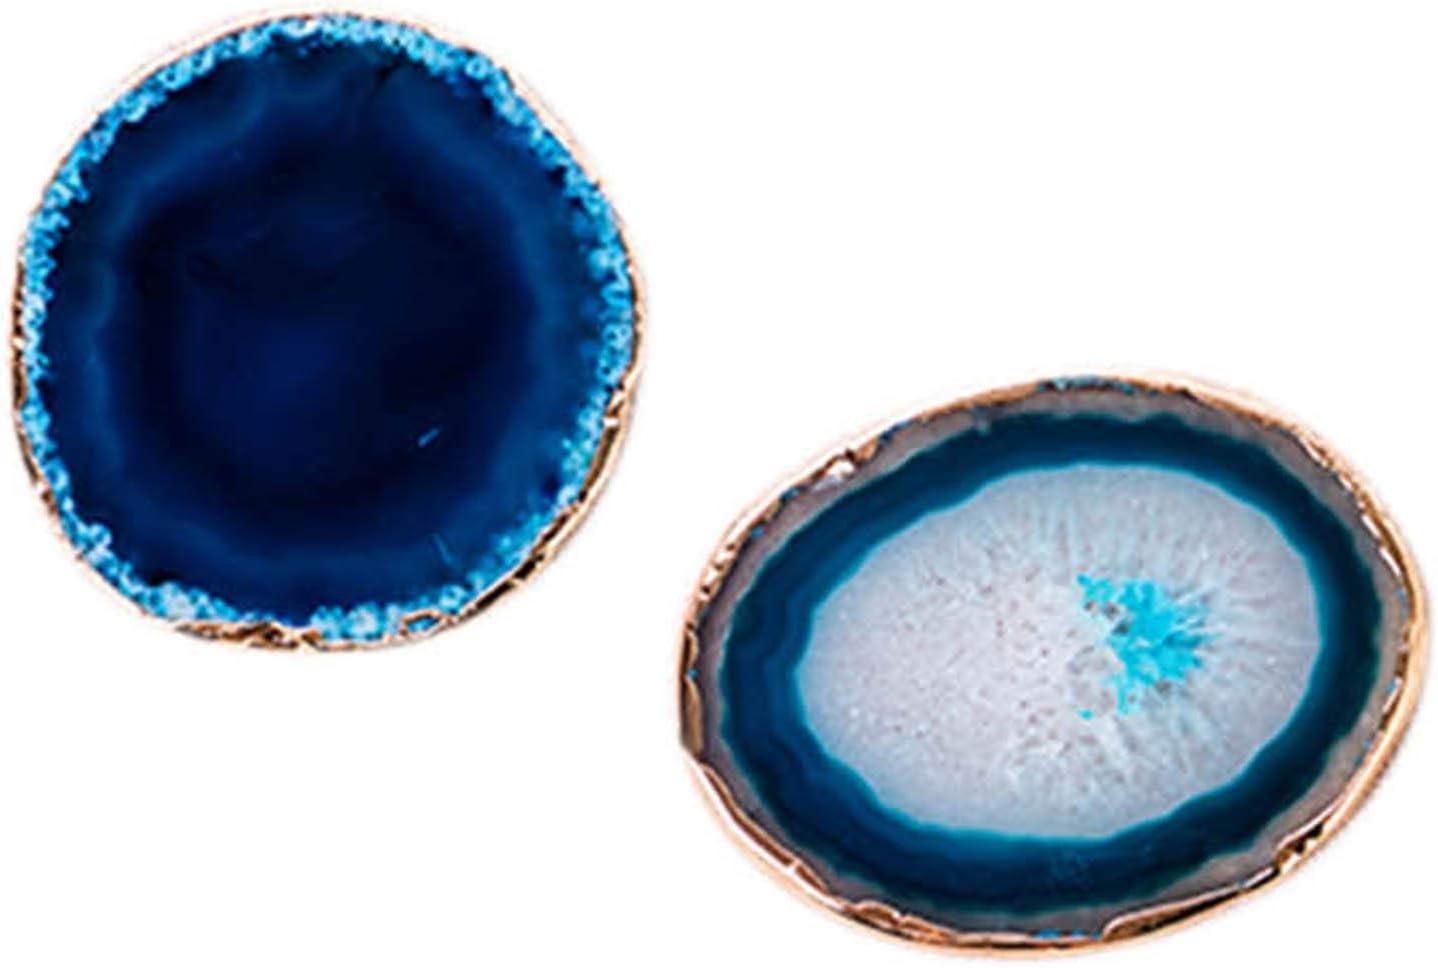 Xigeapg 2 Piezas Posavasos De Agata Azul Rebanada De Agata Bandeja De La Taza De Te Diseno Decorativo De Piedra Decoracion del Hogar De Bordes De Oro Posavasos De Piedras Preciosas